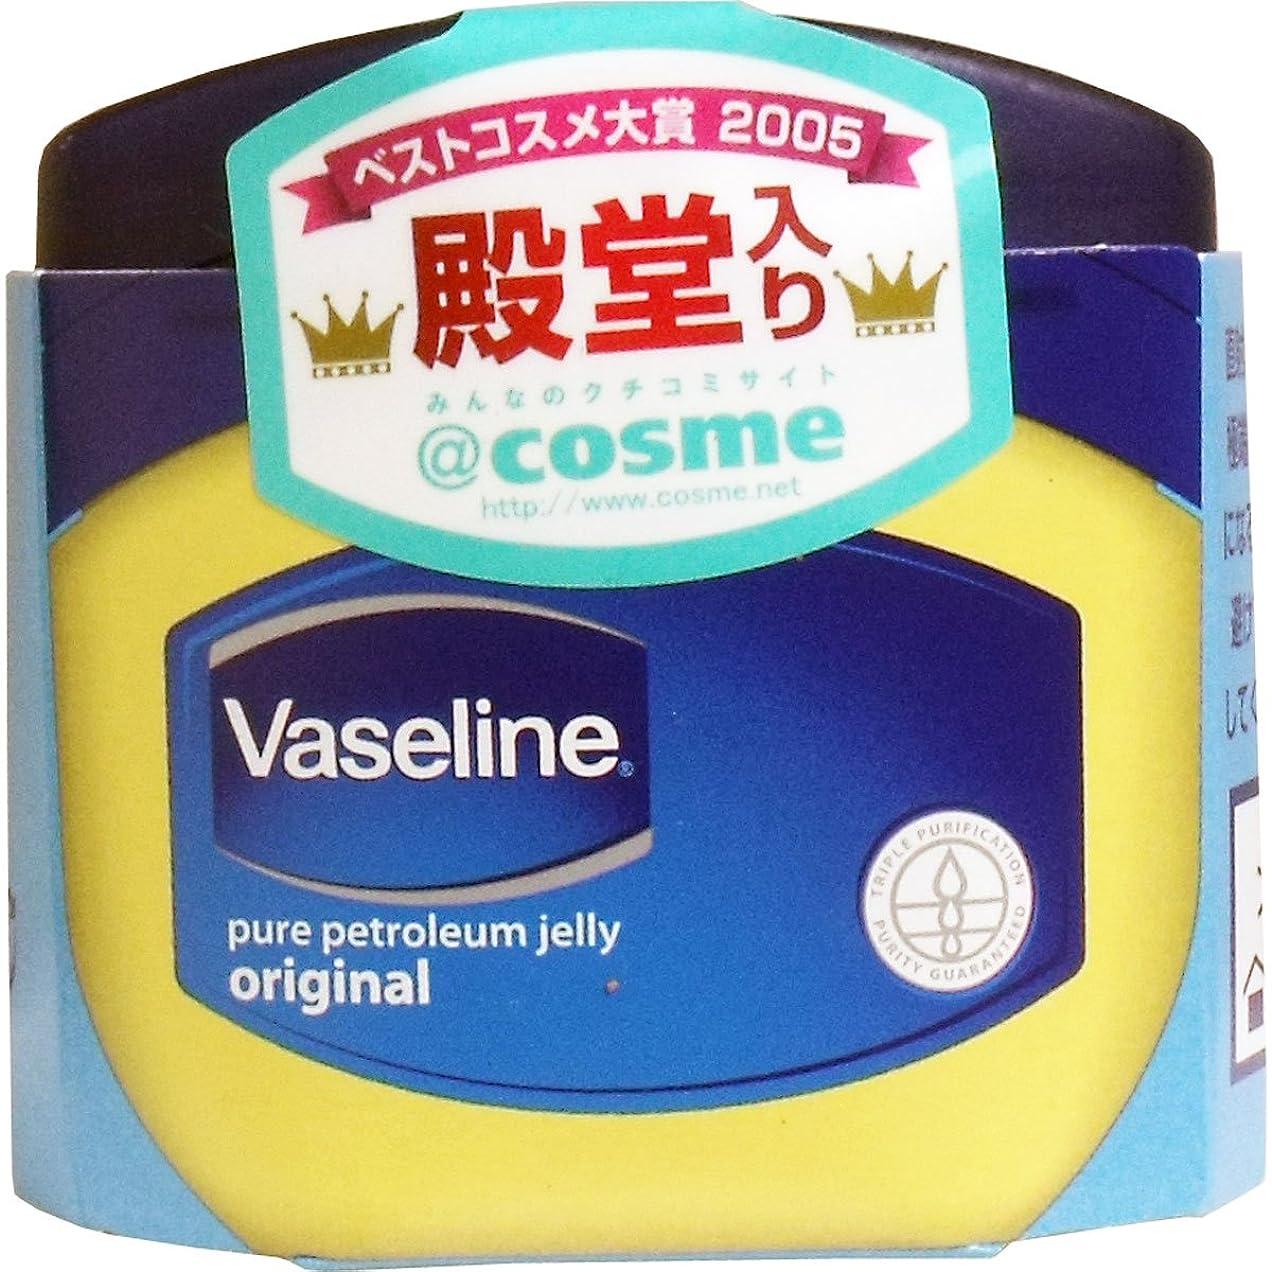 ポータルあごひげクリーム【Vaseline】ヴァセリン ピュアスキンジェリー (スキンオイル) 40g ×5個セット